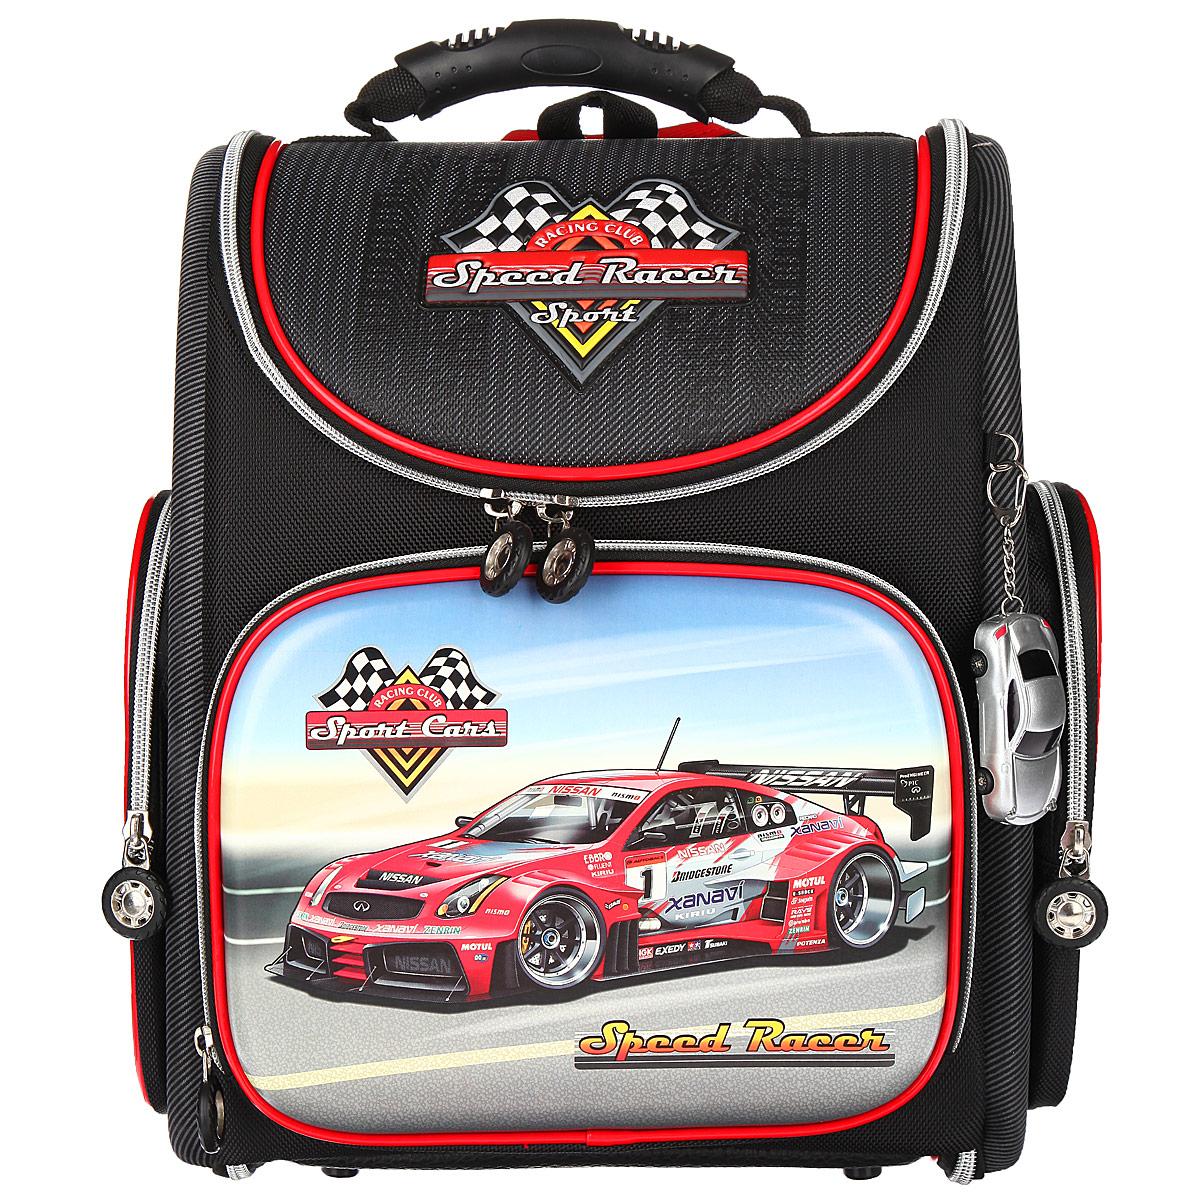 Ранец школьный Hummingbird  Speed Racer , цвет: черный, серый, красный. K43 -  Ранцы и рюкзаки